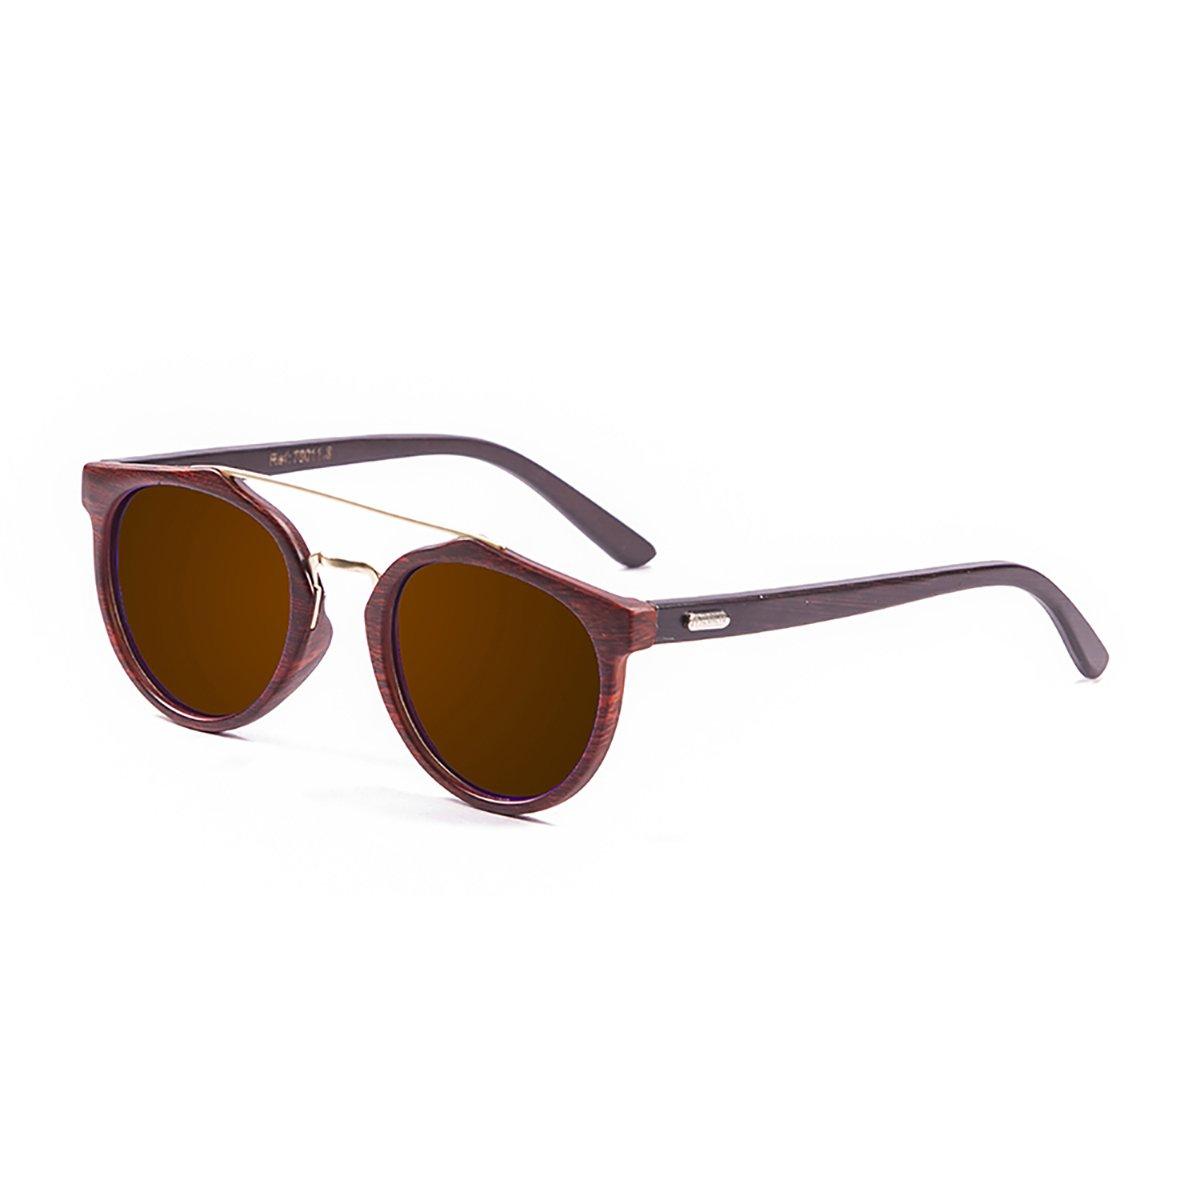 Paloalto Soleil P73010 Lunette Mixte Sunglasses AdulteMarron 3 De exBdCo